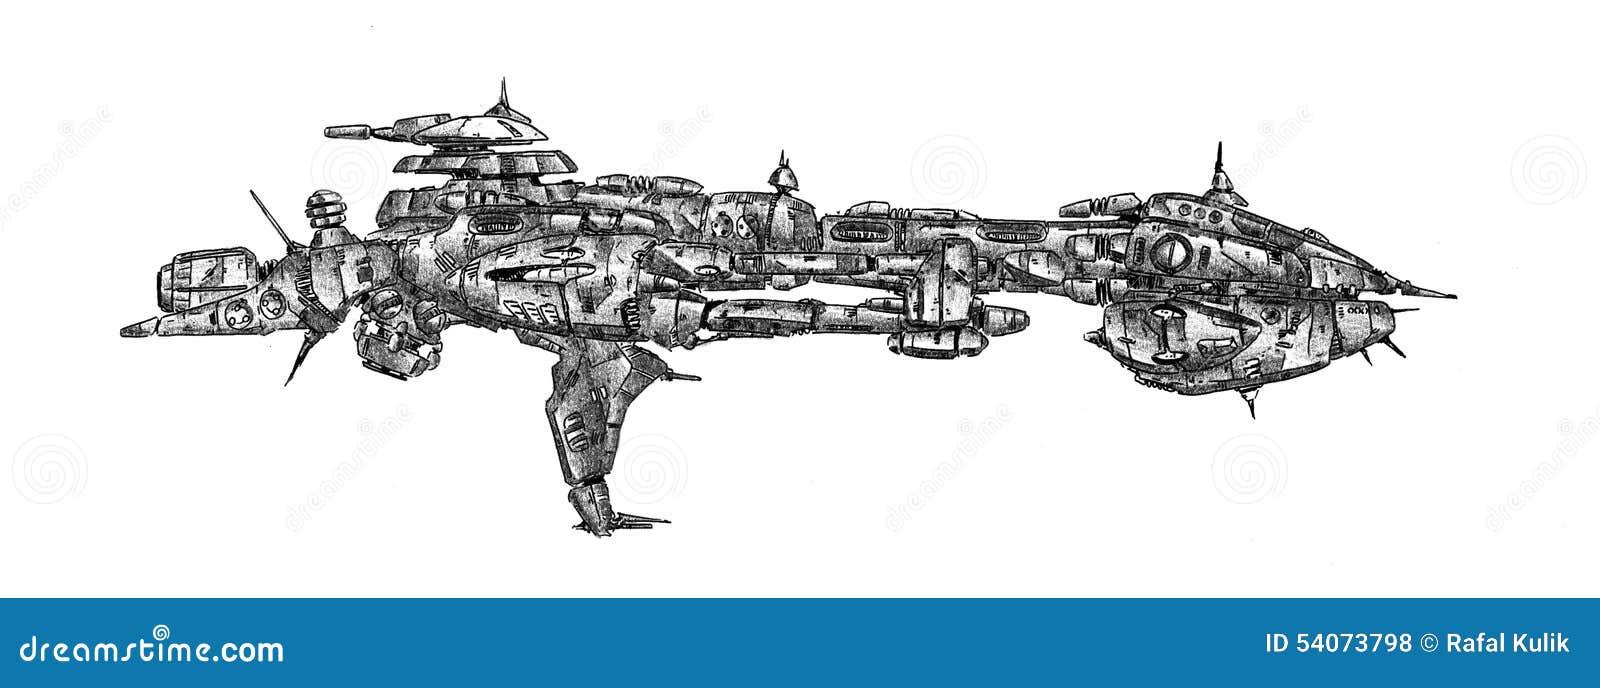 Illustration de croquis de dessin d 39 art de vaisseau - Dessin vaisseau spatial ...